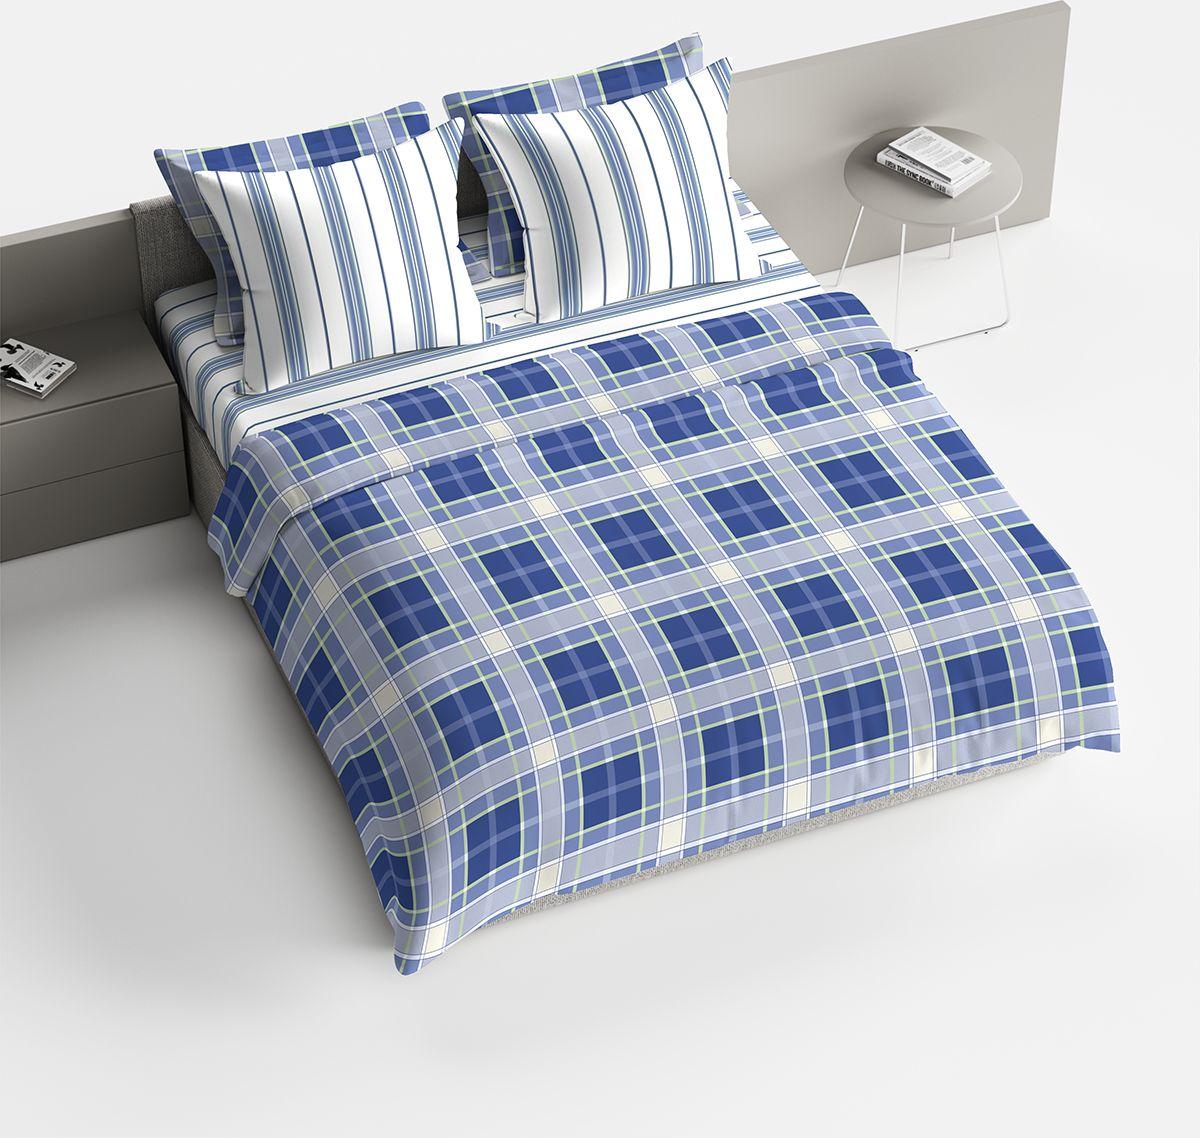 Комплект белья Браво Джузеппе, евро, наволочки 70x70, цвет: синий91937Комплекты постельного белья из ткани LUX COTTON (высококачественный поплин), сотканной из длинноволокнистого египетского хлопка, созданы специально для людей с оригинальным вкусом, предпочитающим современные решения в интерьере. Обновленная стильная упаковка делает этот комплект отличным подарком. • Равноплотная ткань из 100% хлопка; • Обработана по технологии мерсеризации и санфоризации; • Мягкая и нежная на ощупь; • Устойчива к трению; • Обладает высокими показателями гигроскопичности (впитывает влагу); • Выдерживает частые стирки, сохраняя первоначальные цвет, форму и размеры; • Безопасные красители ведущего немецкого производителя BEZEMA